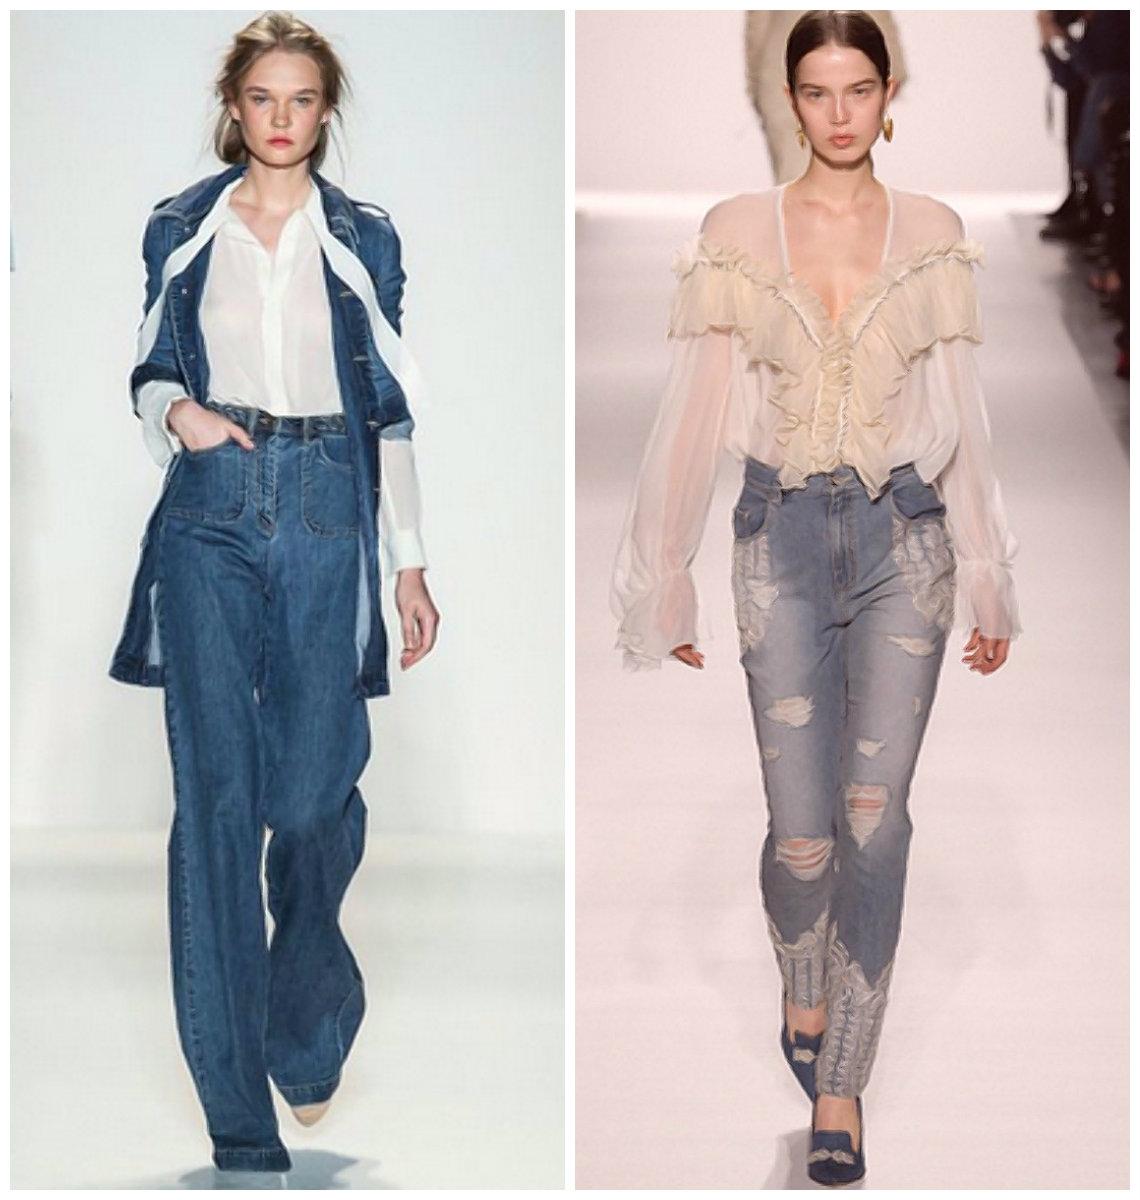 Модные-джинсы-2018-женские-Крой-фото-Длина-Крой-Декор-Цвет-джинсы 2018 женские- джинсы 2018